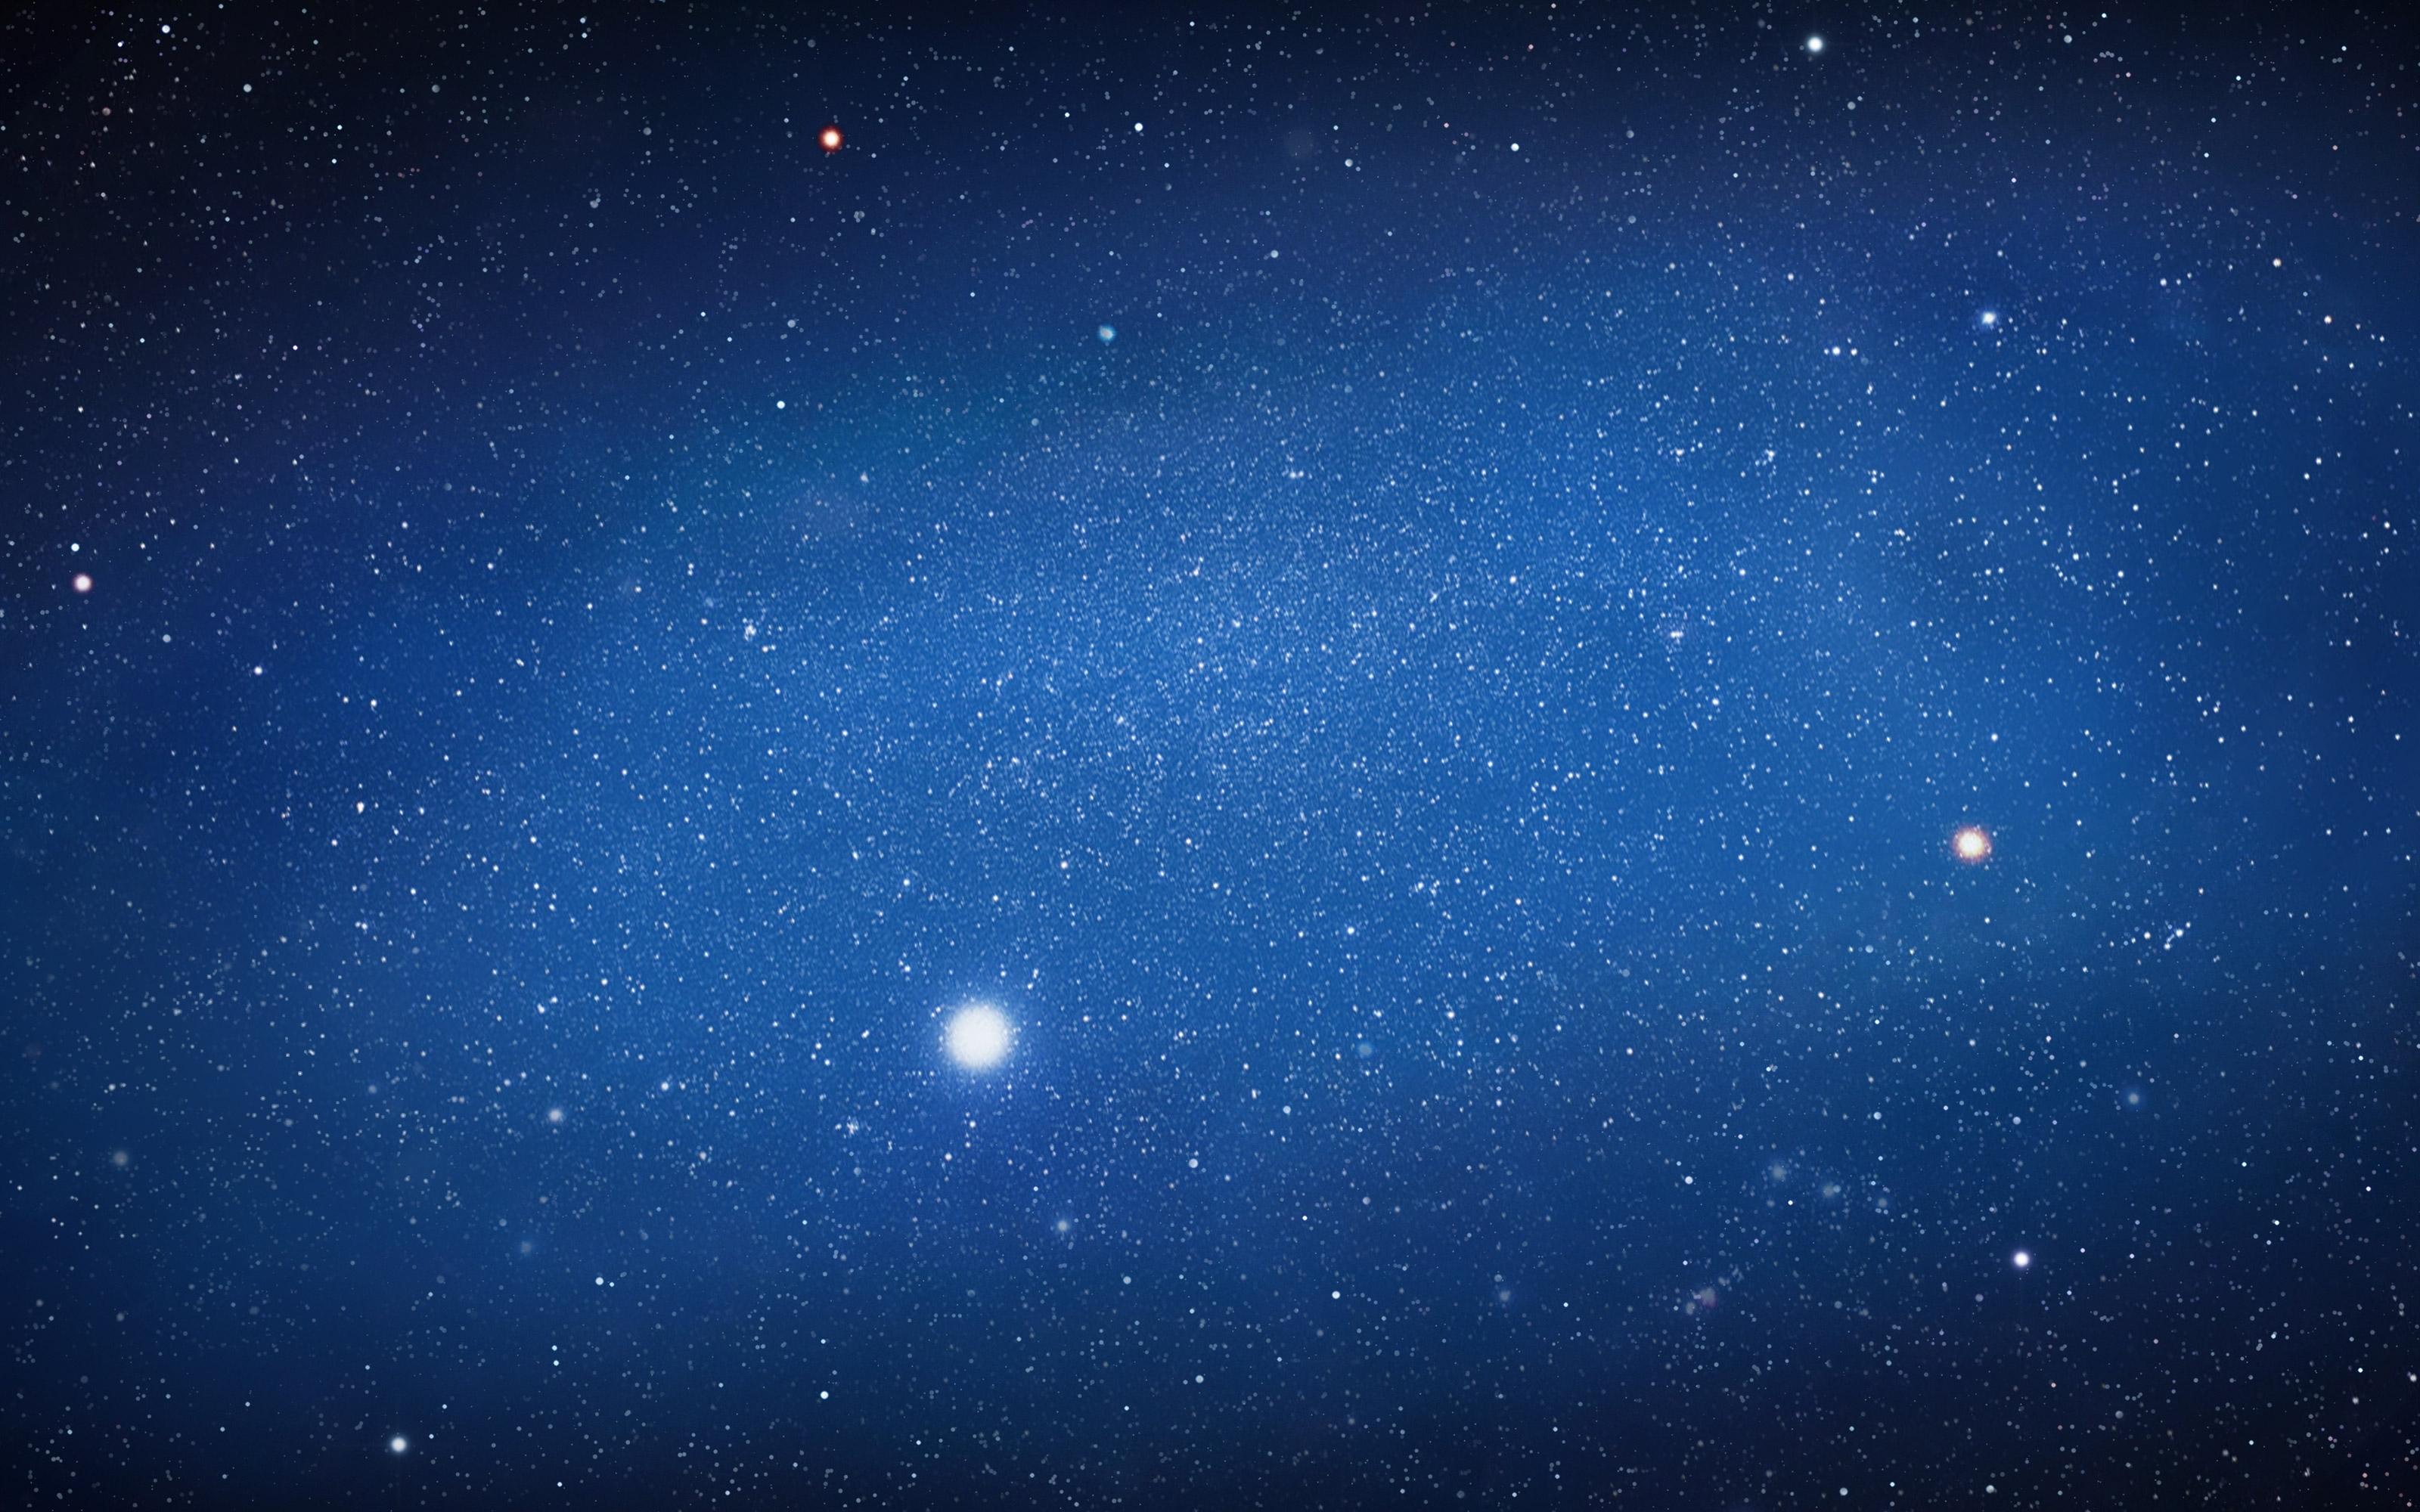 night sky stars free wallpaper hd